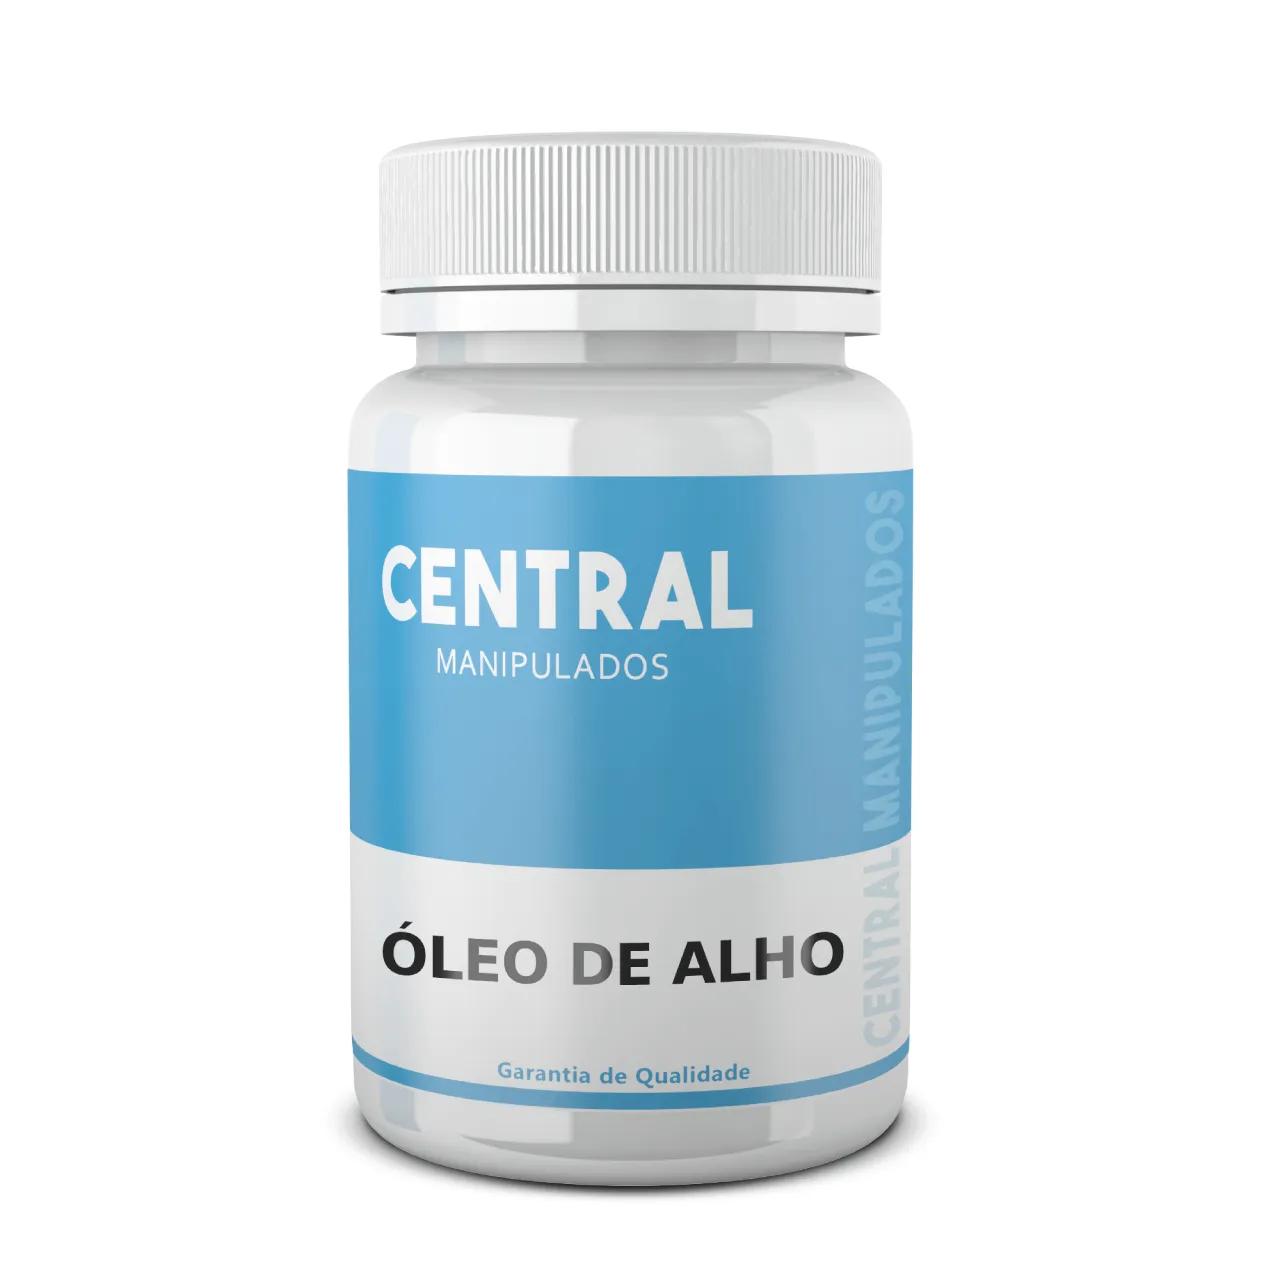 Óleo de Alho 250mg - 90 cápsulas - Propriedades Antibacteriana e Antiviral, Combate a Gripe